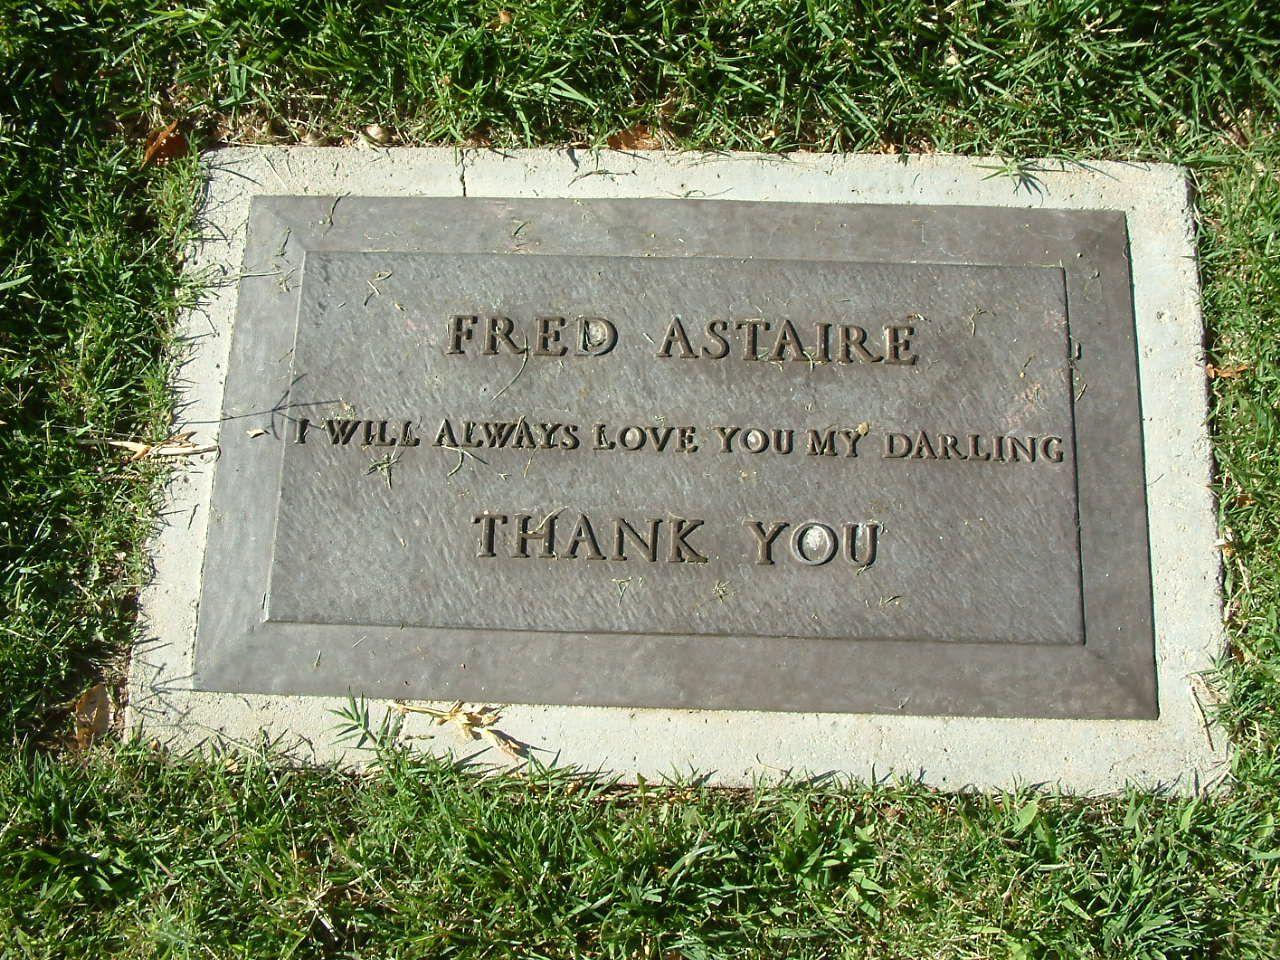 0a49c964b302d74319117c1dbca51b6e - Fred Hunter's Hollywood Memorial Gardens